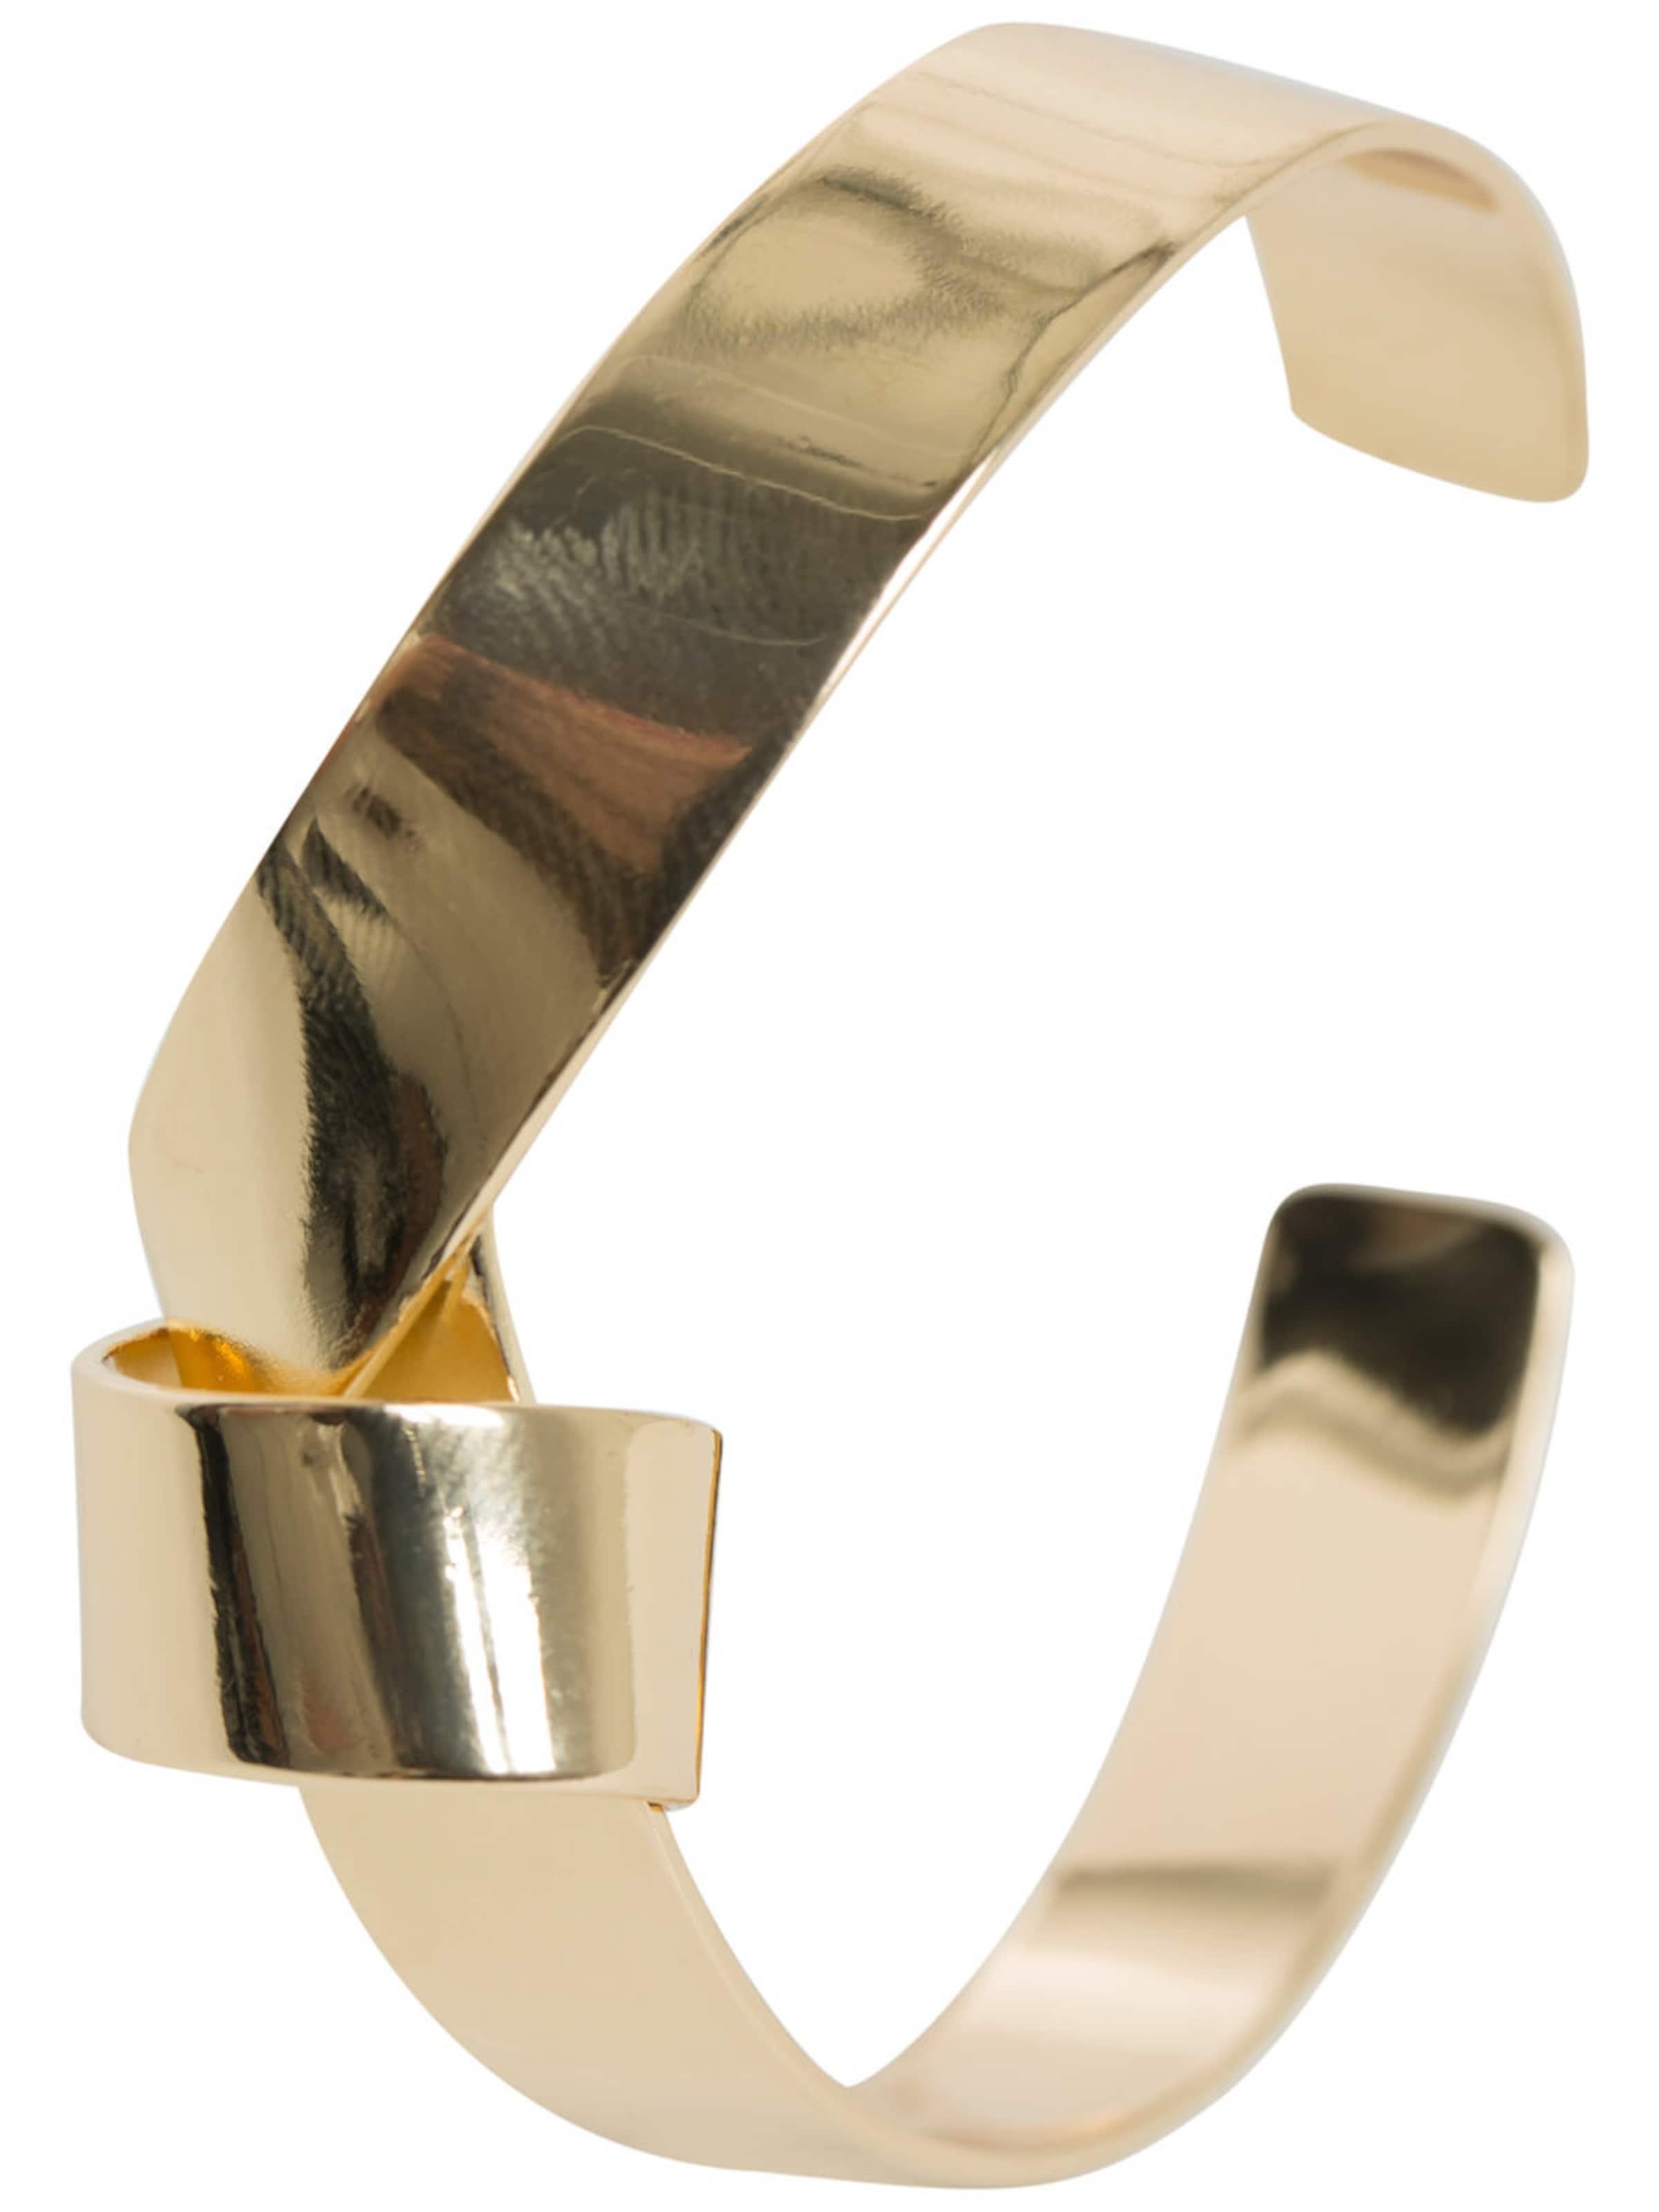 Bester Großhandel Günstig Online Sneakernews Günstig Online PIECES Armband BmWm5UTWoD